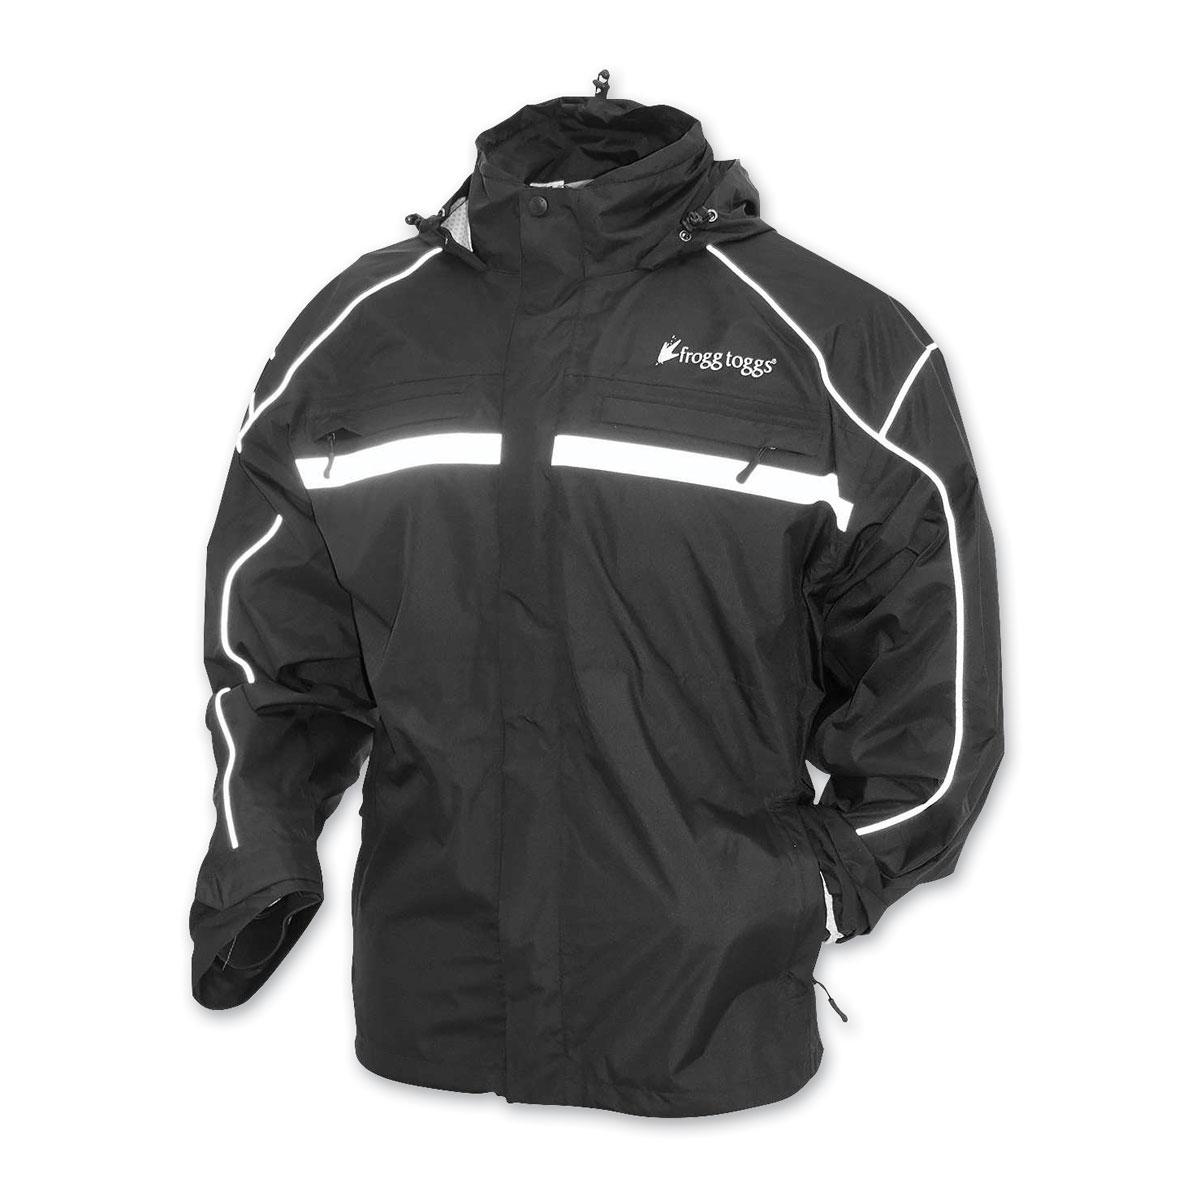 Frogg Toggs Men's Java 2.5 Illuminator Black Rain Jacket